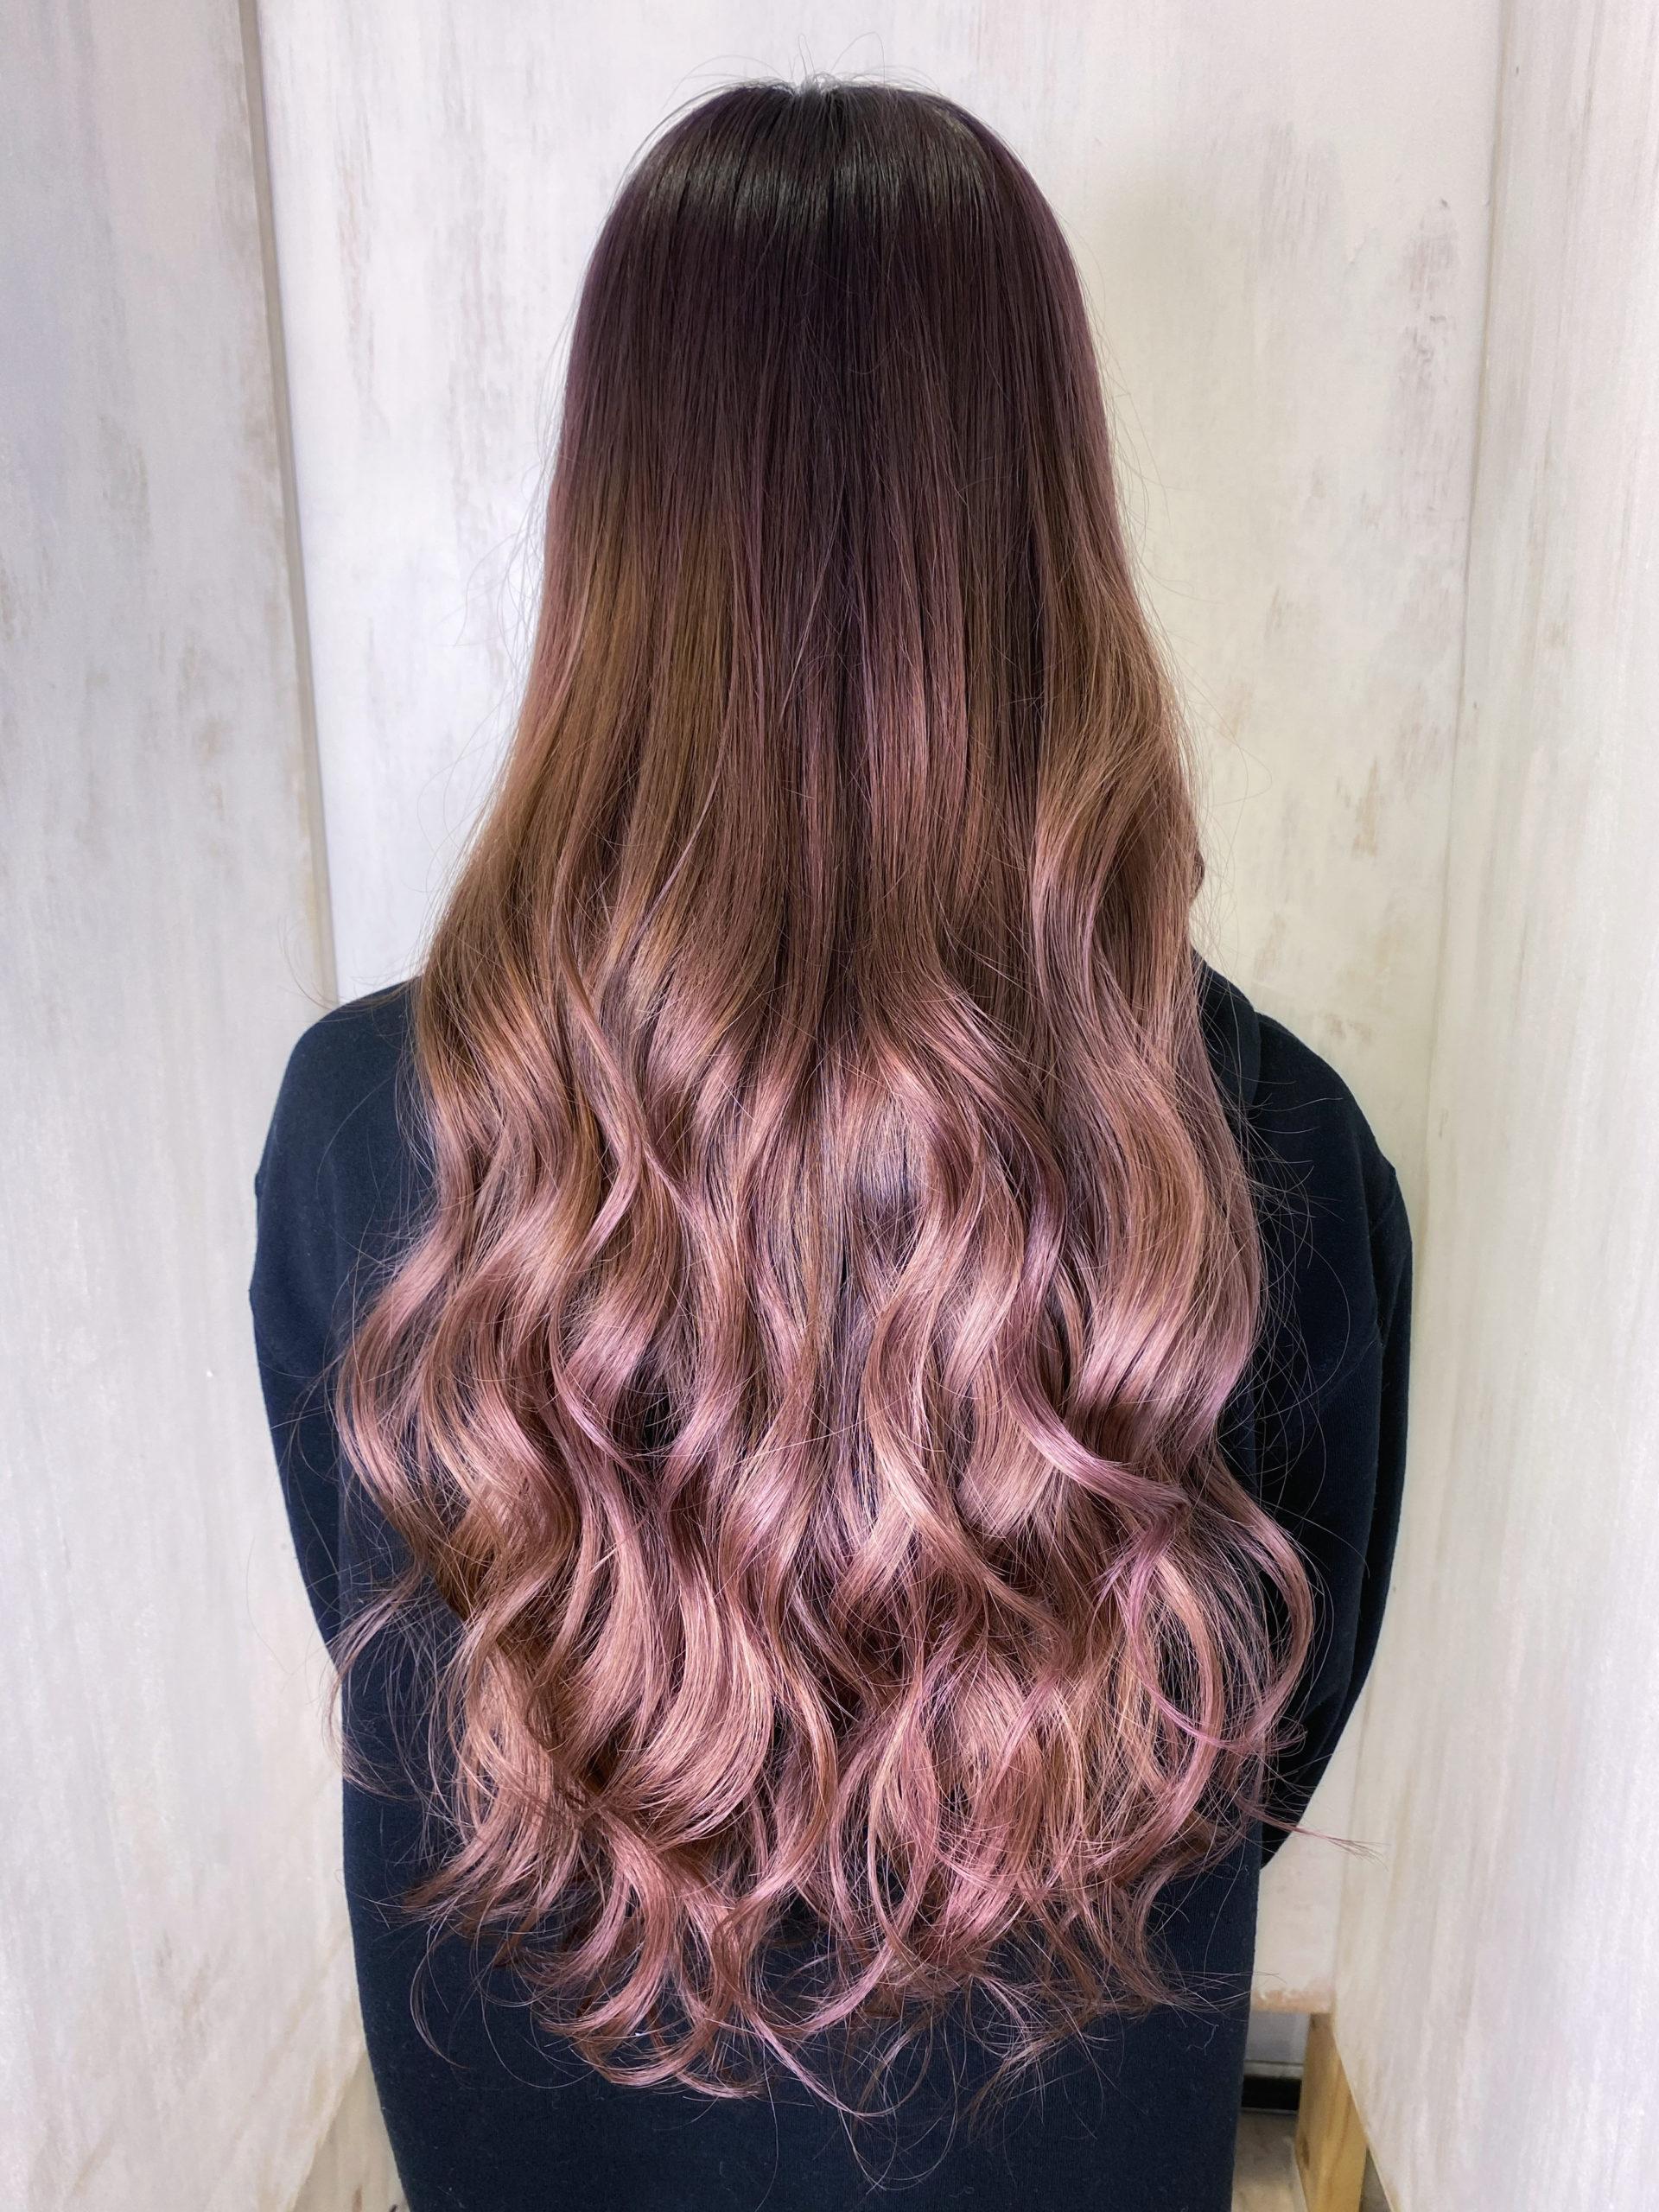 髪質改善とオレオルカラーで艶髪バイオレットカラー。原宿・表参道『髪のお悩みを解決するヘアケア美容師の挑戦』